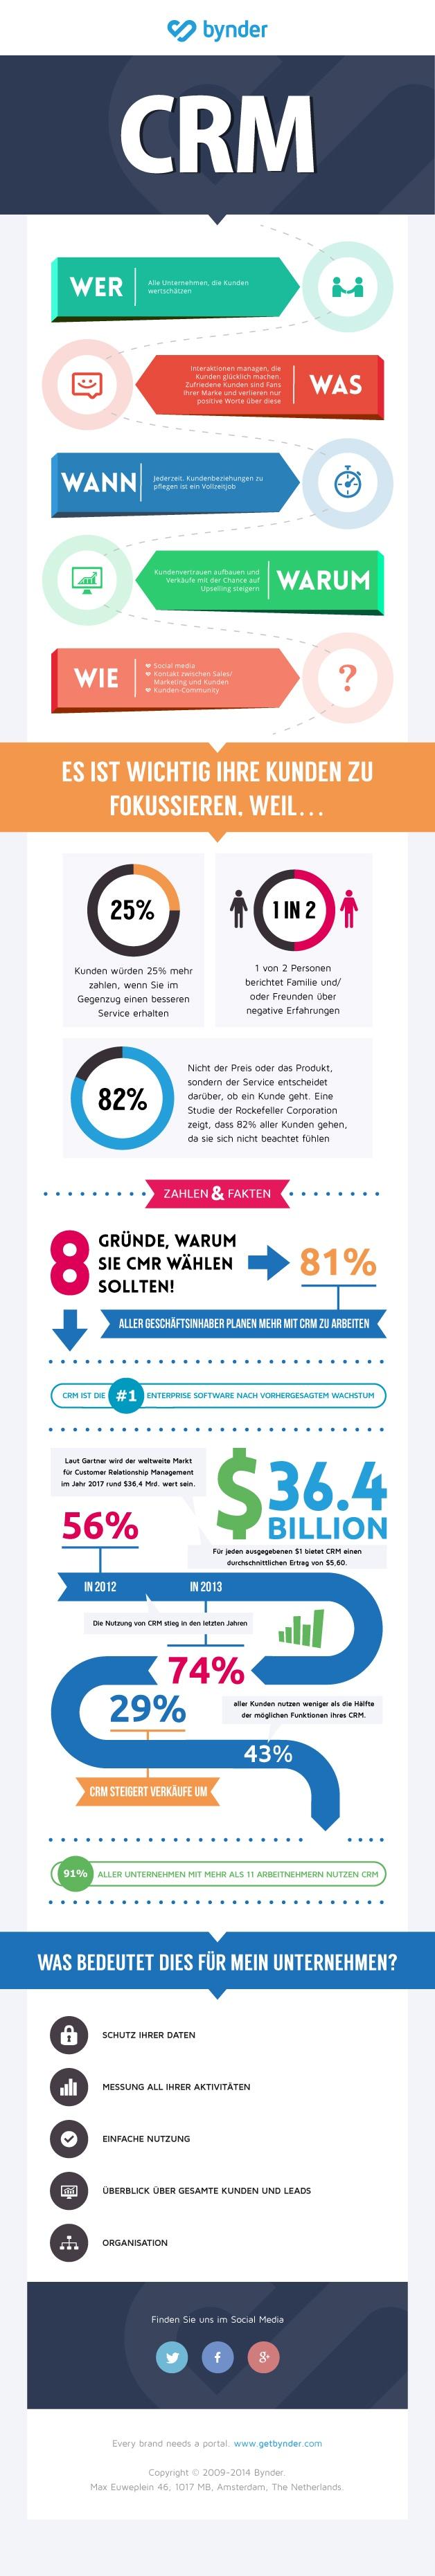 Infografik, wie das richtige CRM System Ihr Unternehmen unterstützen kann!